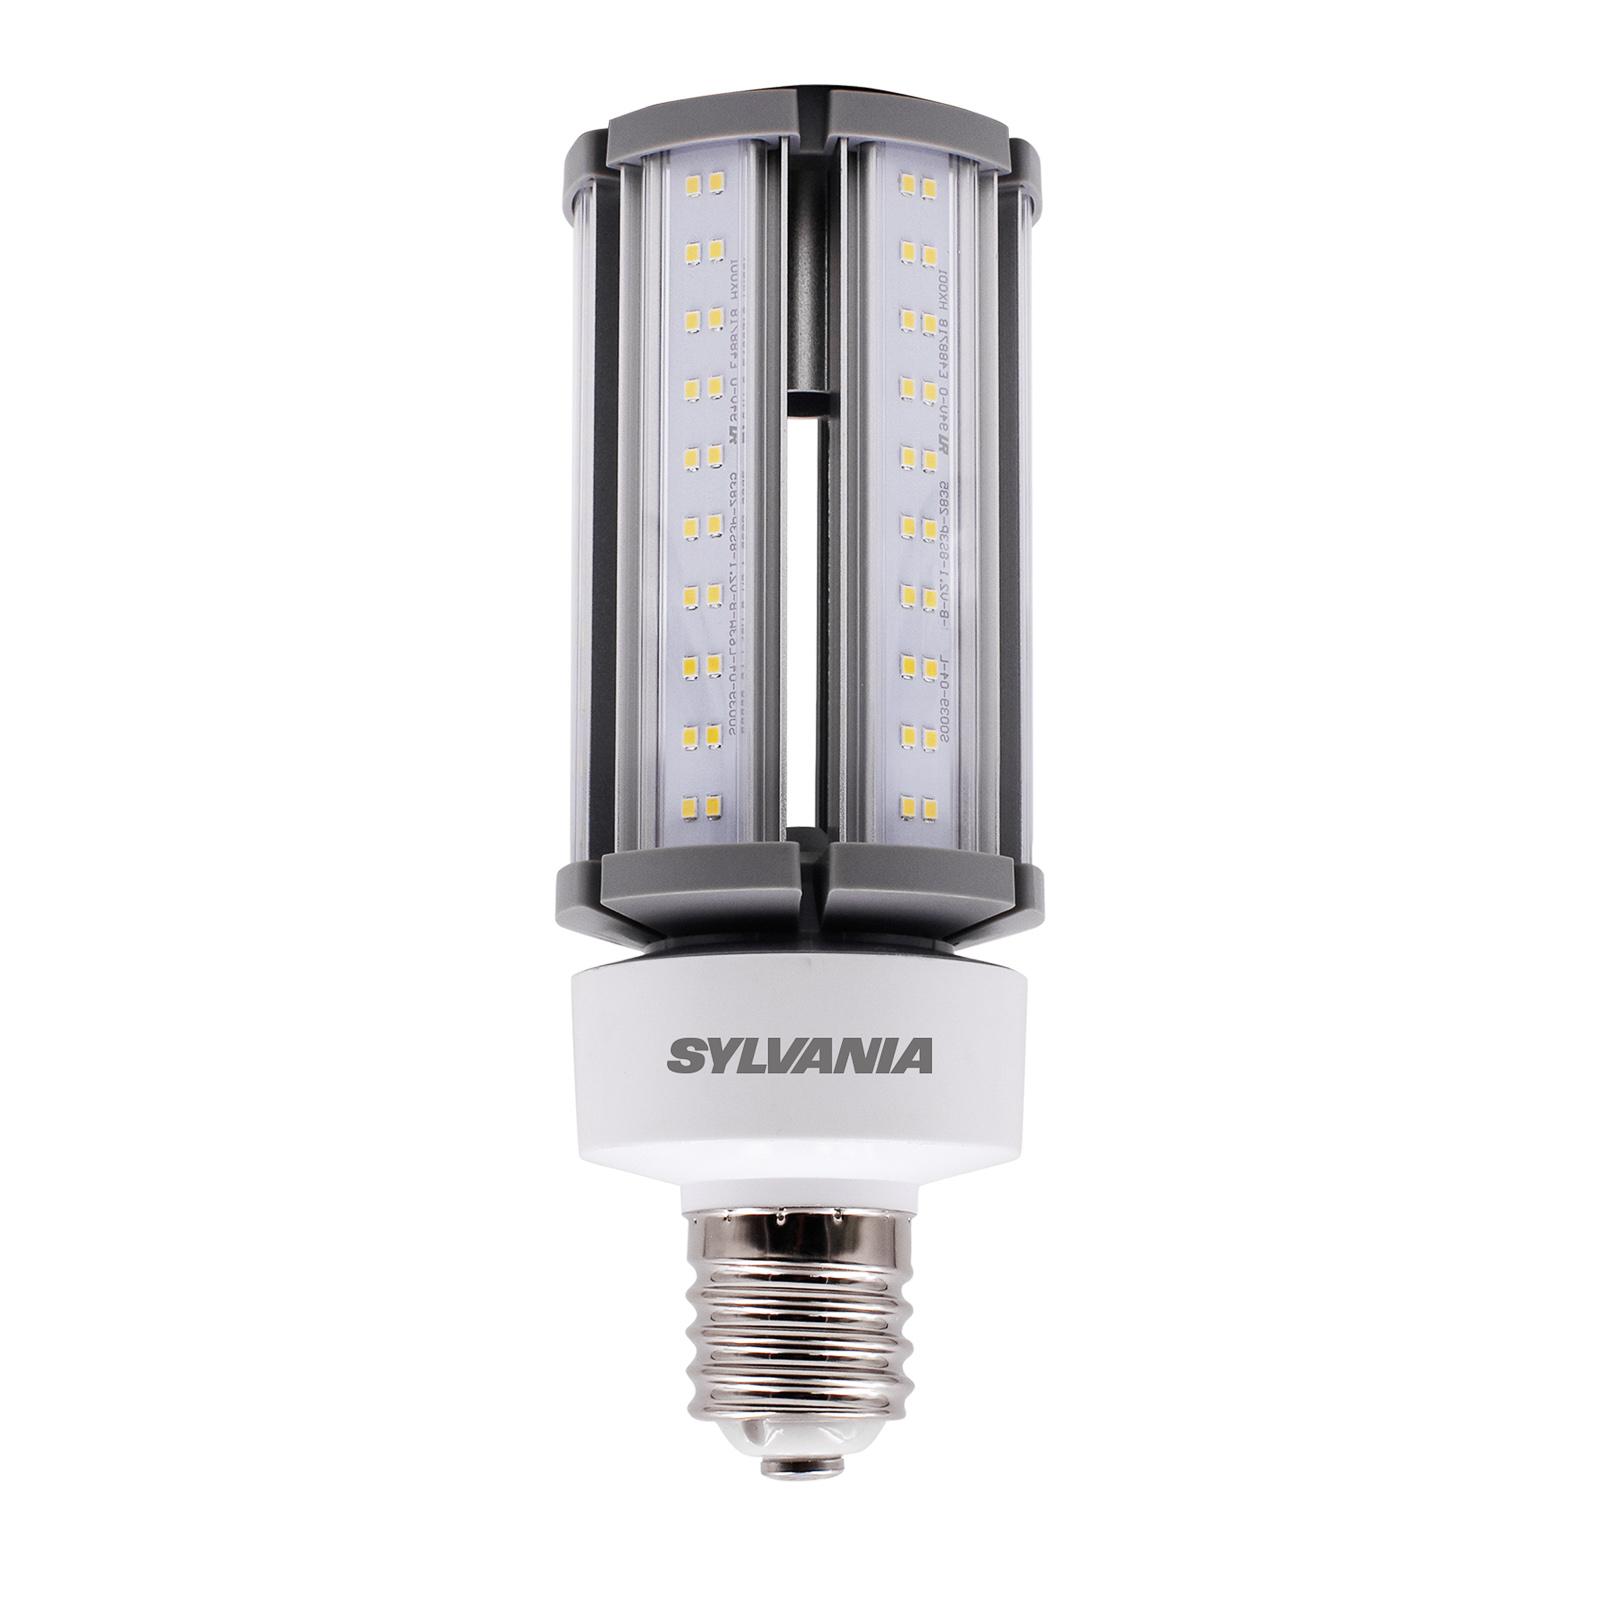 Sylvania LED-Lampe E40, 54W, 4.000 K, 6.800 lm